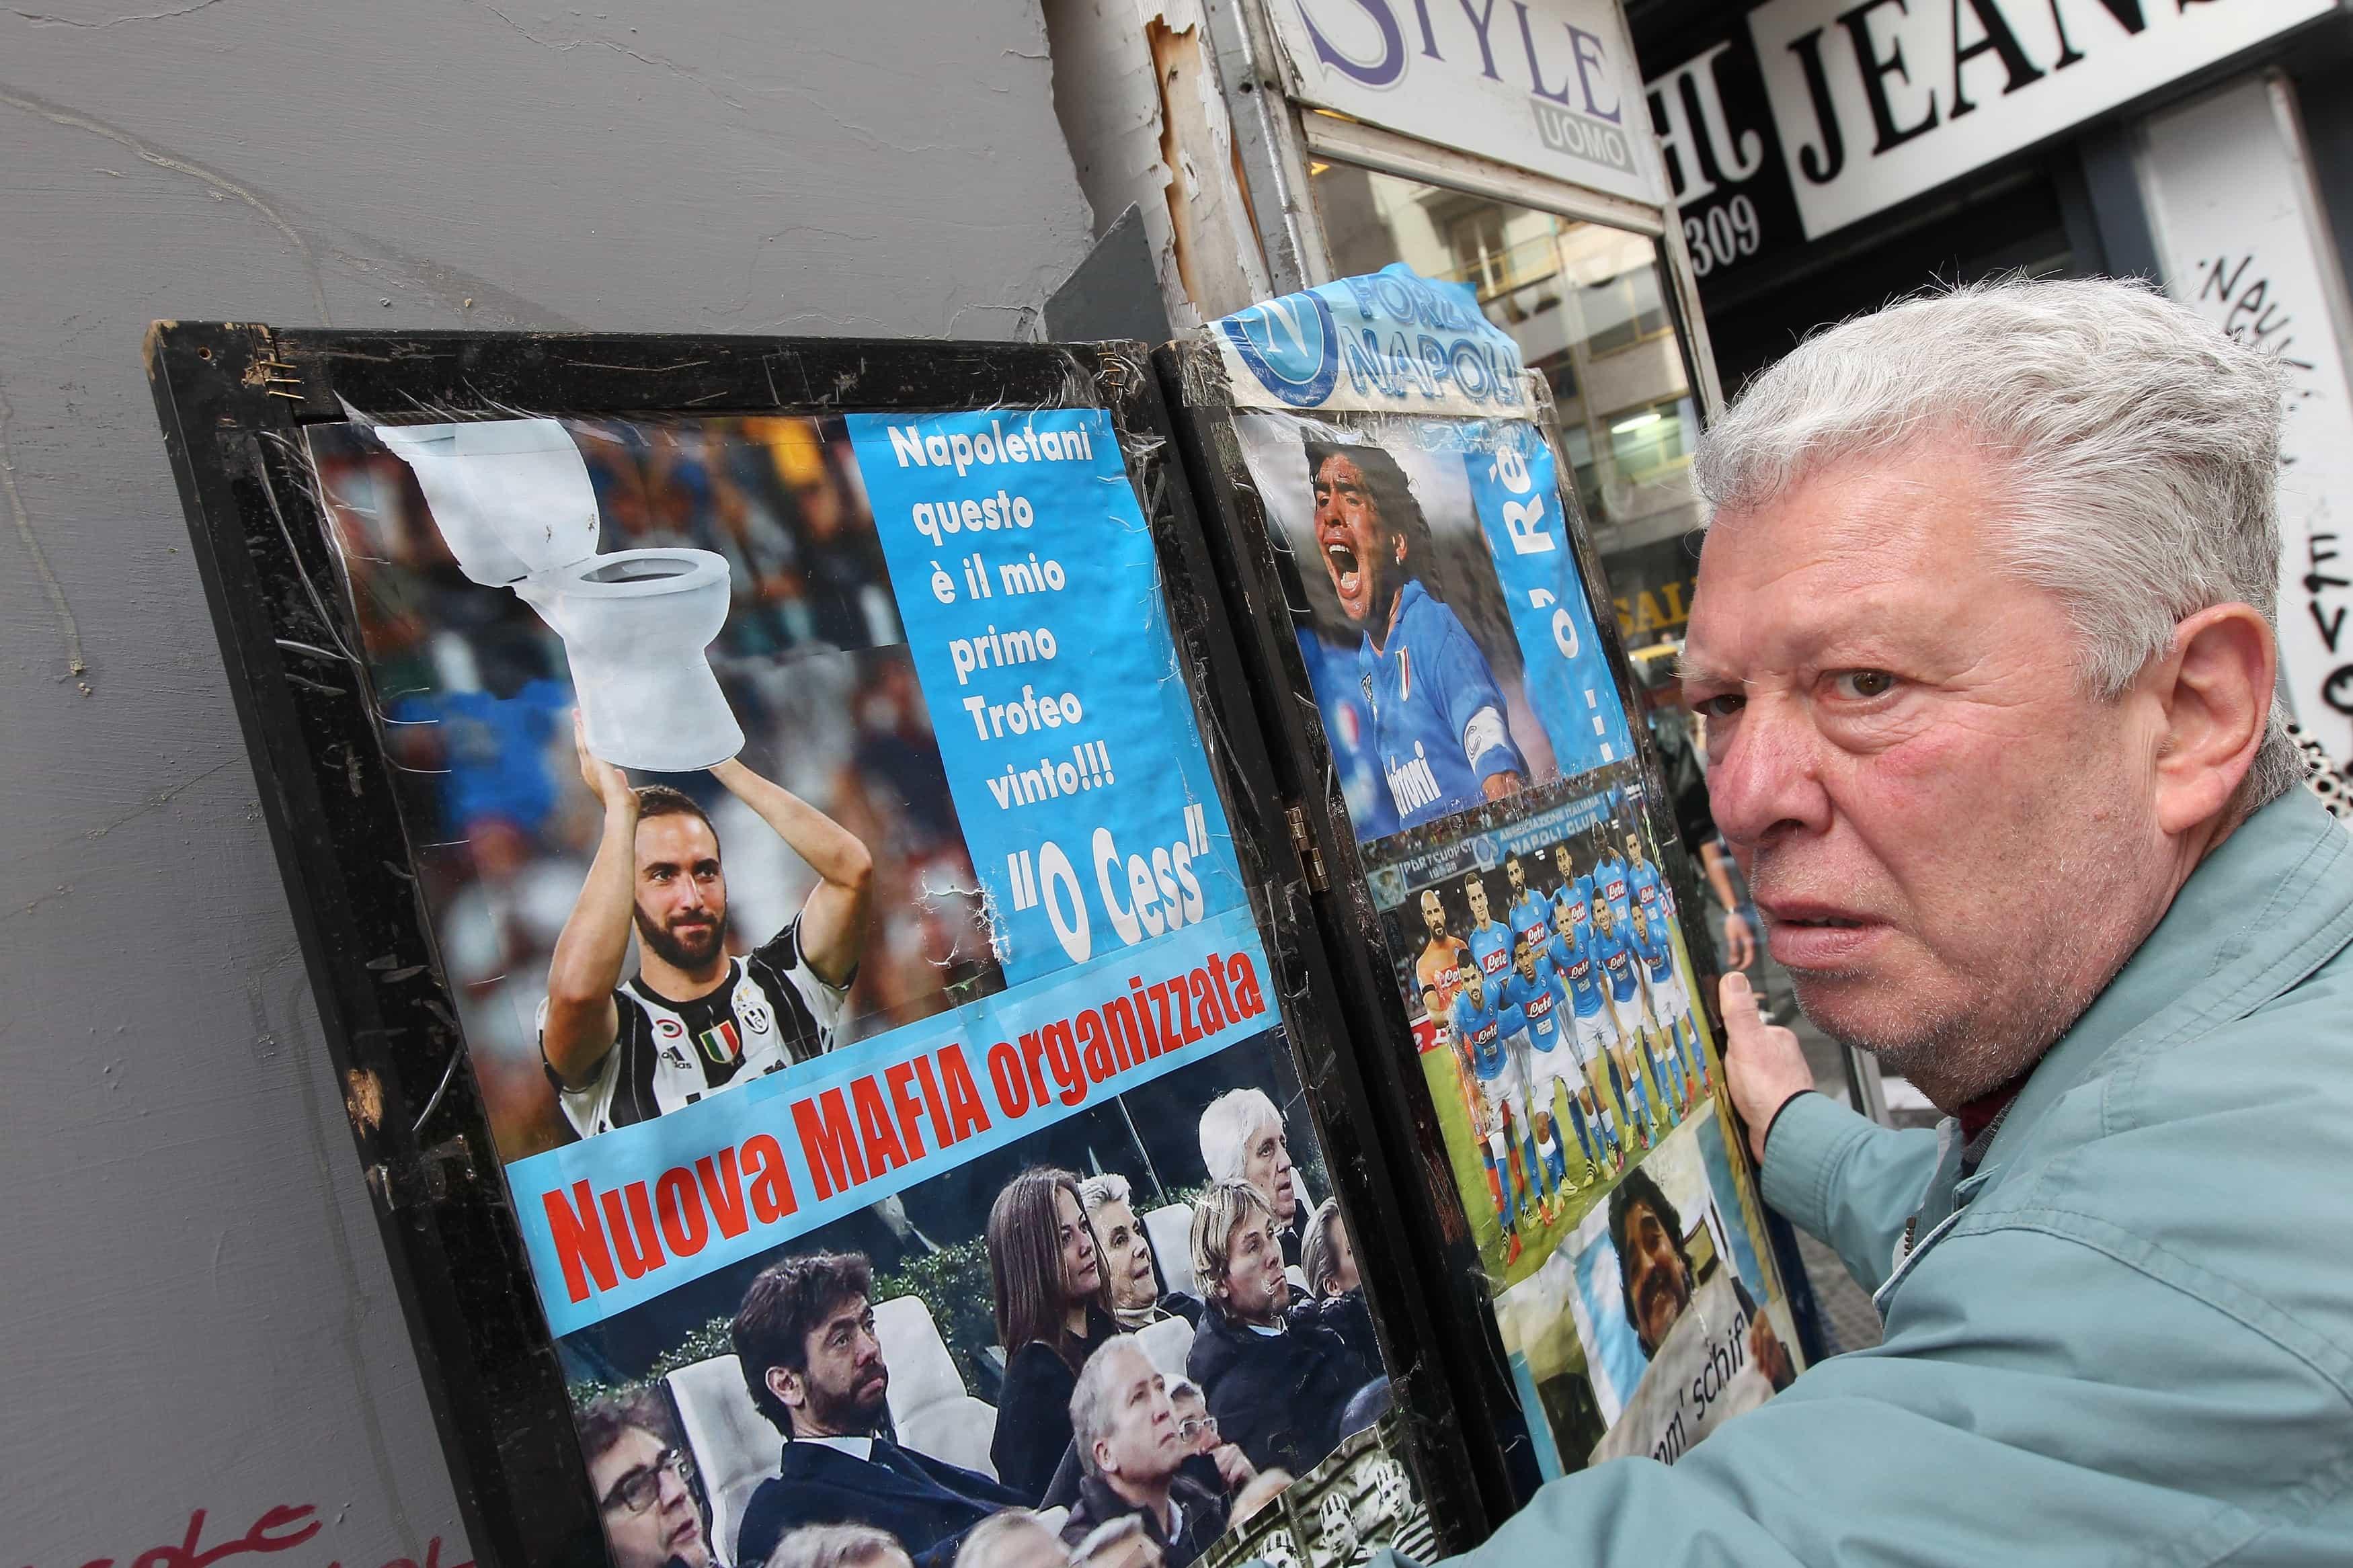 Un vendedor enseña un afiche despectivo contra el jugador de la Juventus